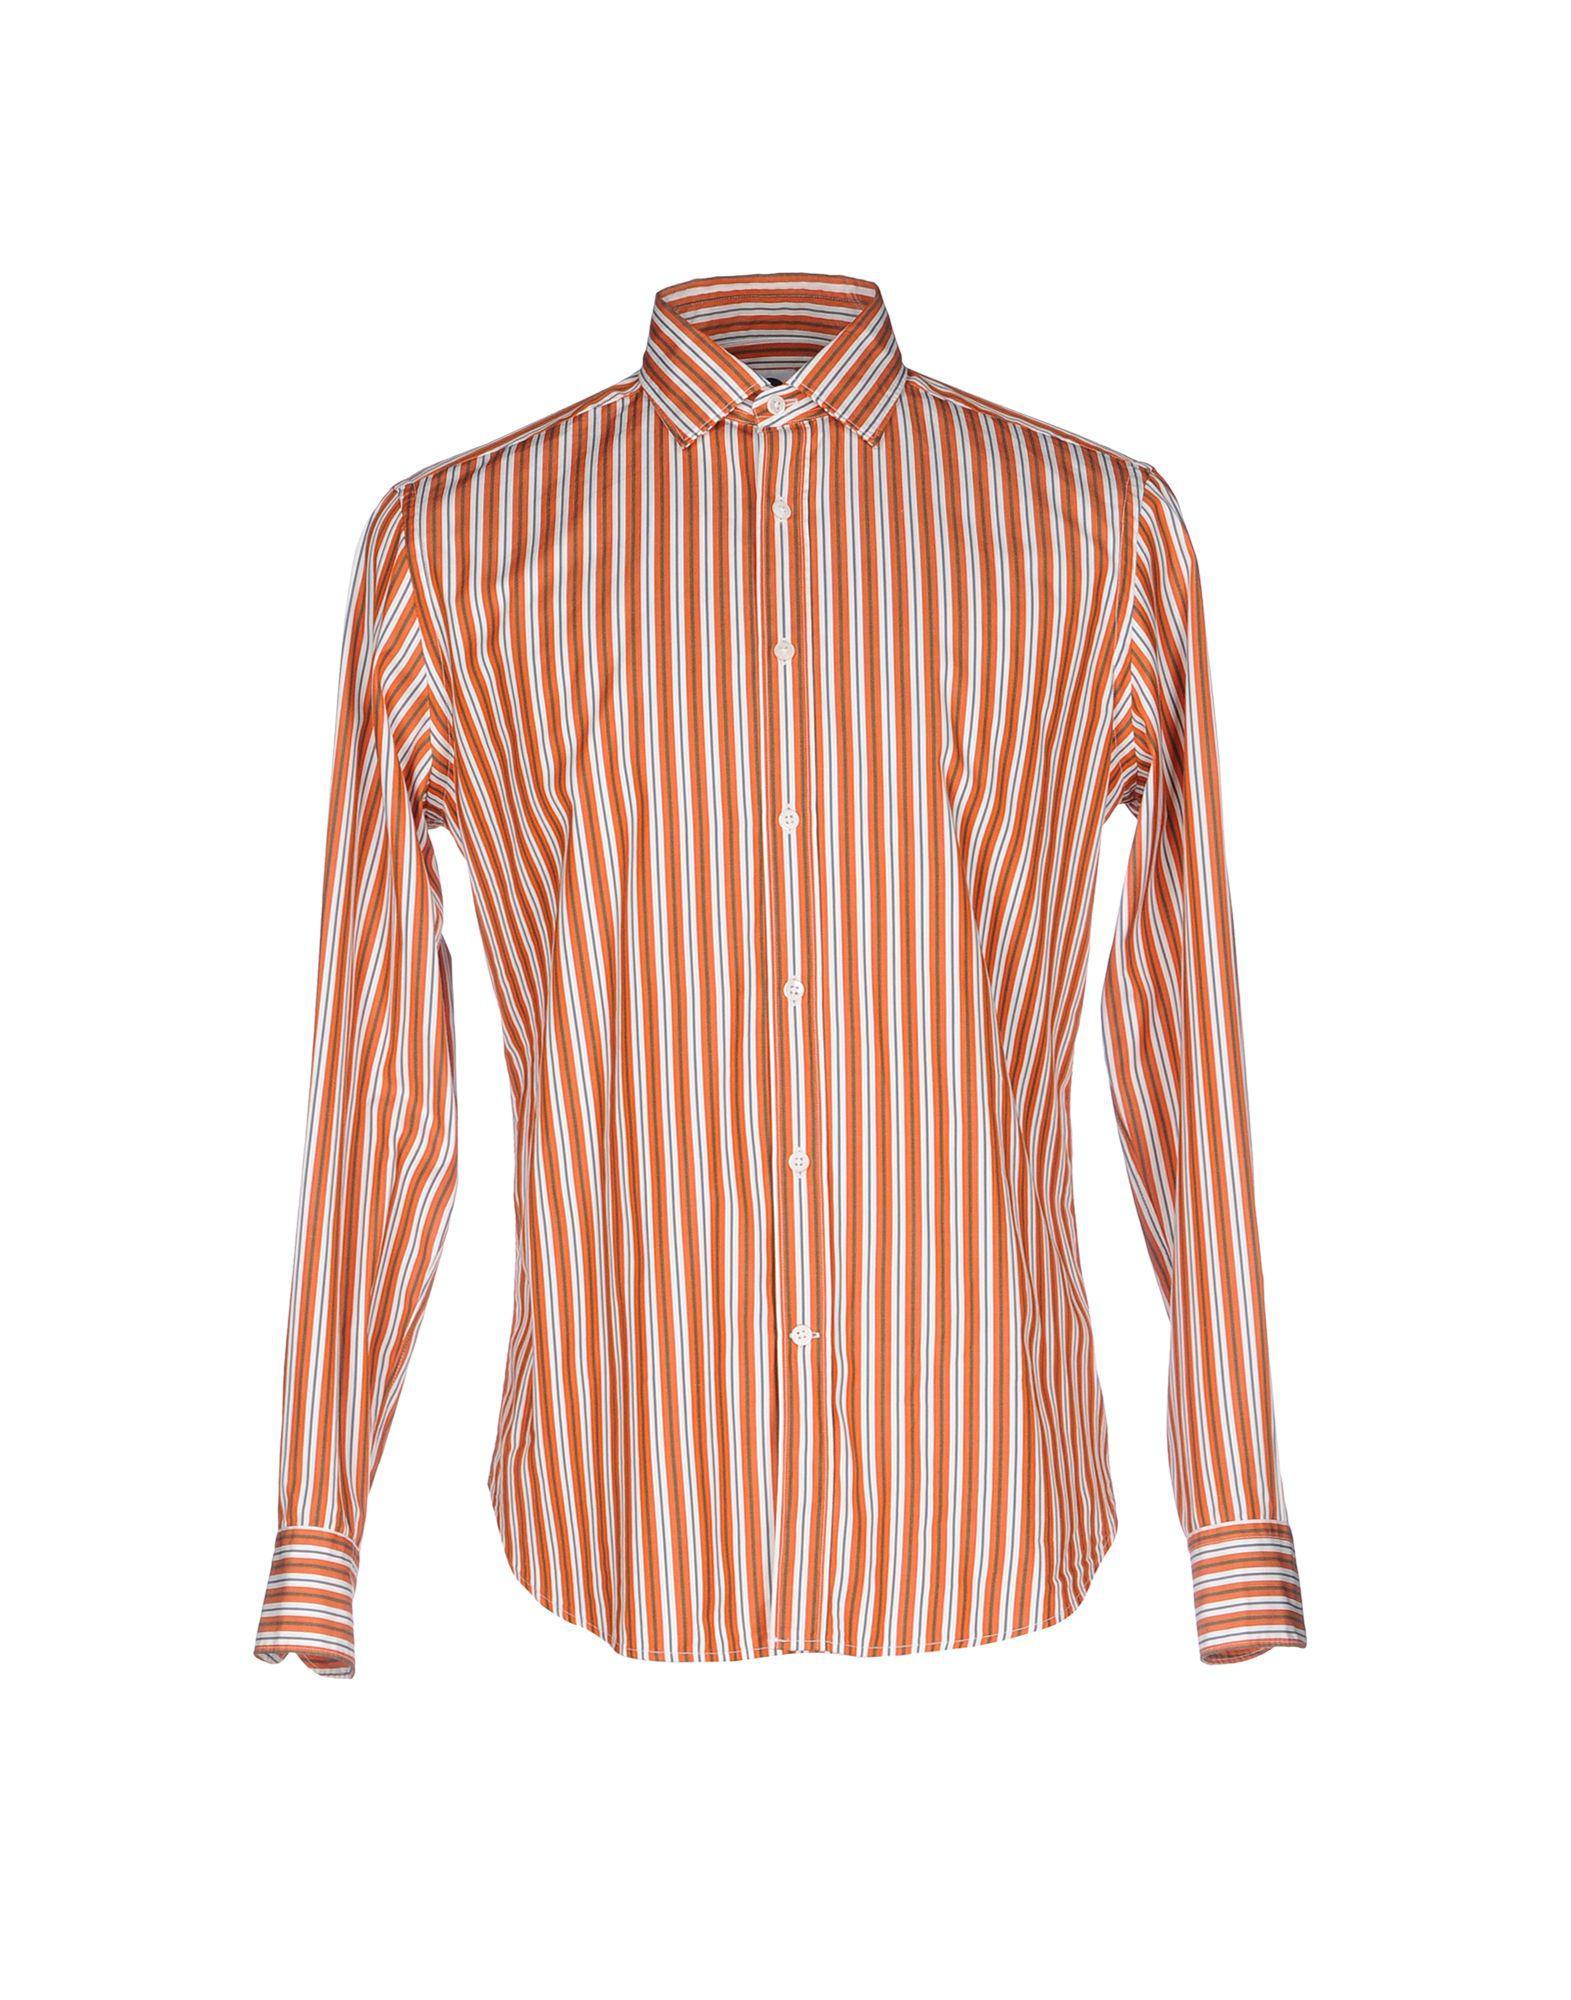 SHIRTS - Shirts Bagutta Discount Great Deals Clearance Really Shopping Online Original Buy Cheap Enjoy Clearance Best JHOam9ldu